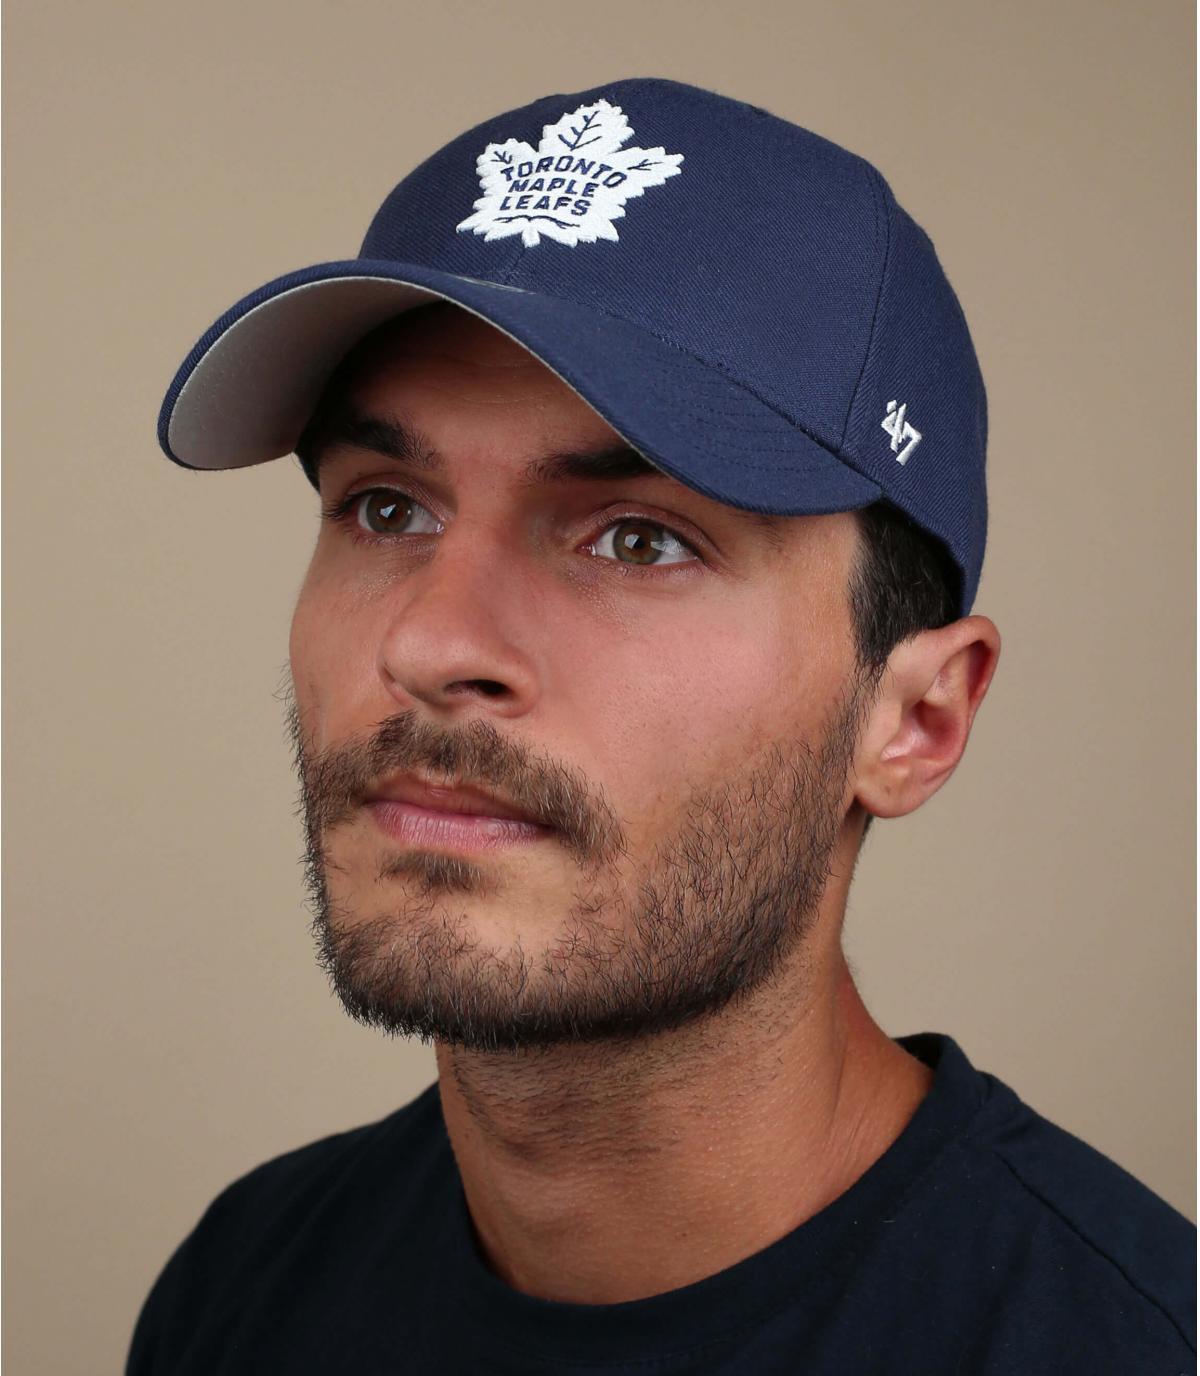 Toronto Maple cap navy